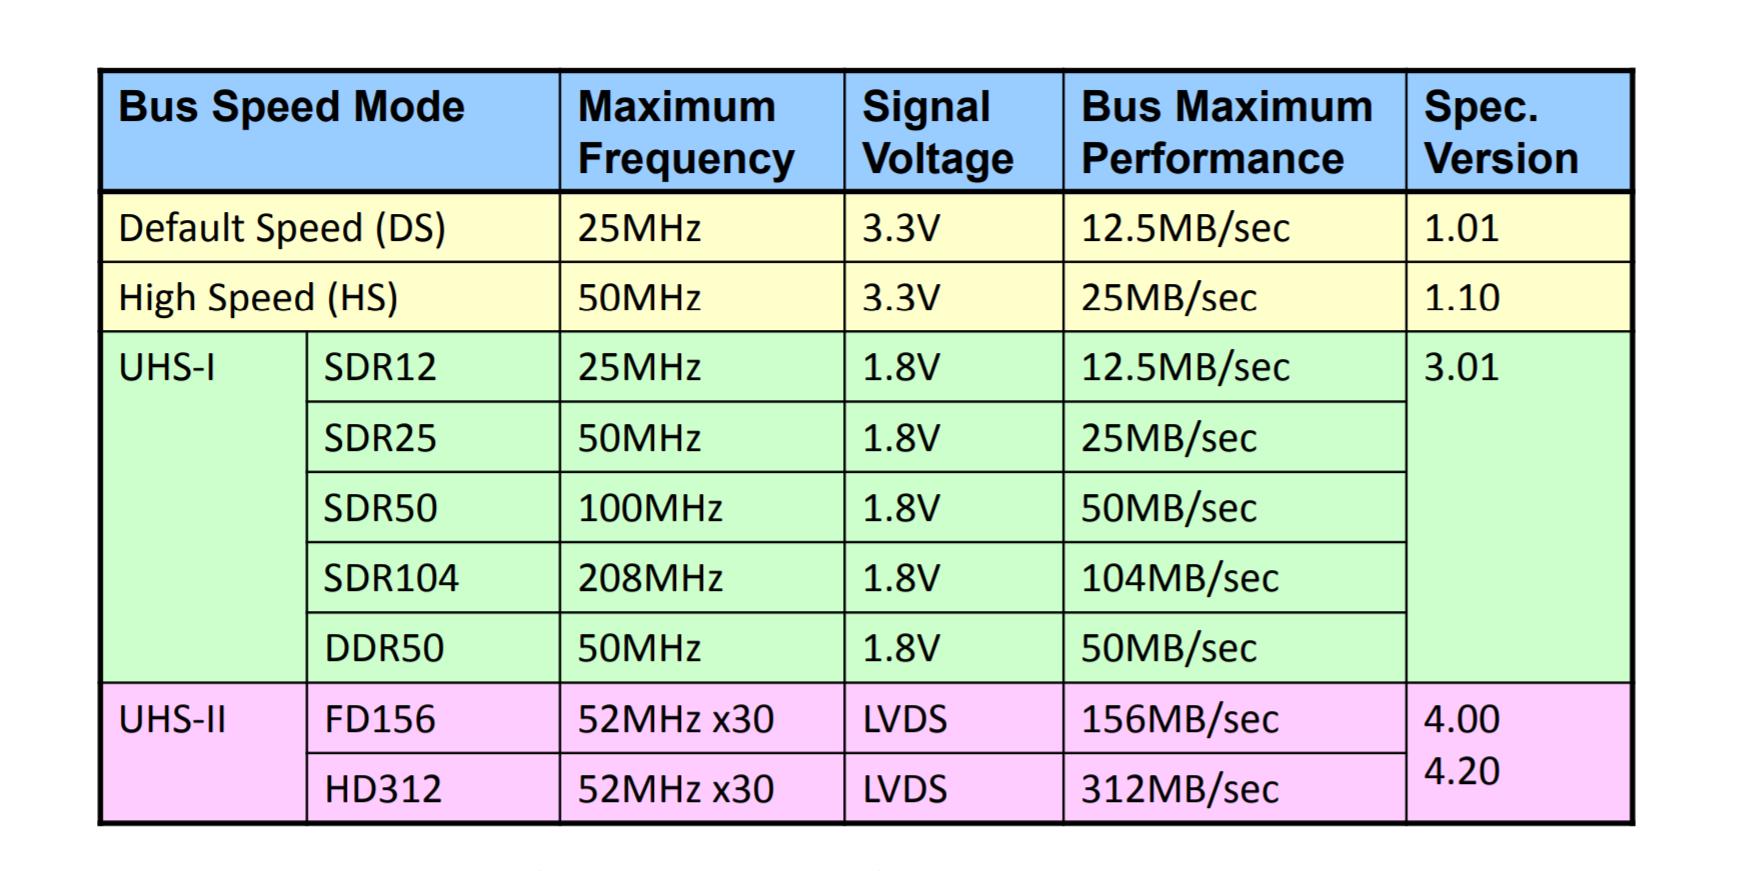 SD card SDR104 mode support - Using ROCK Pi 4 - Radxa Forum